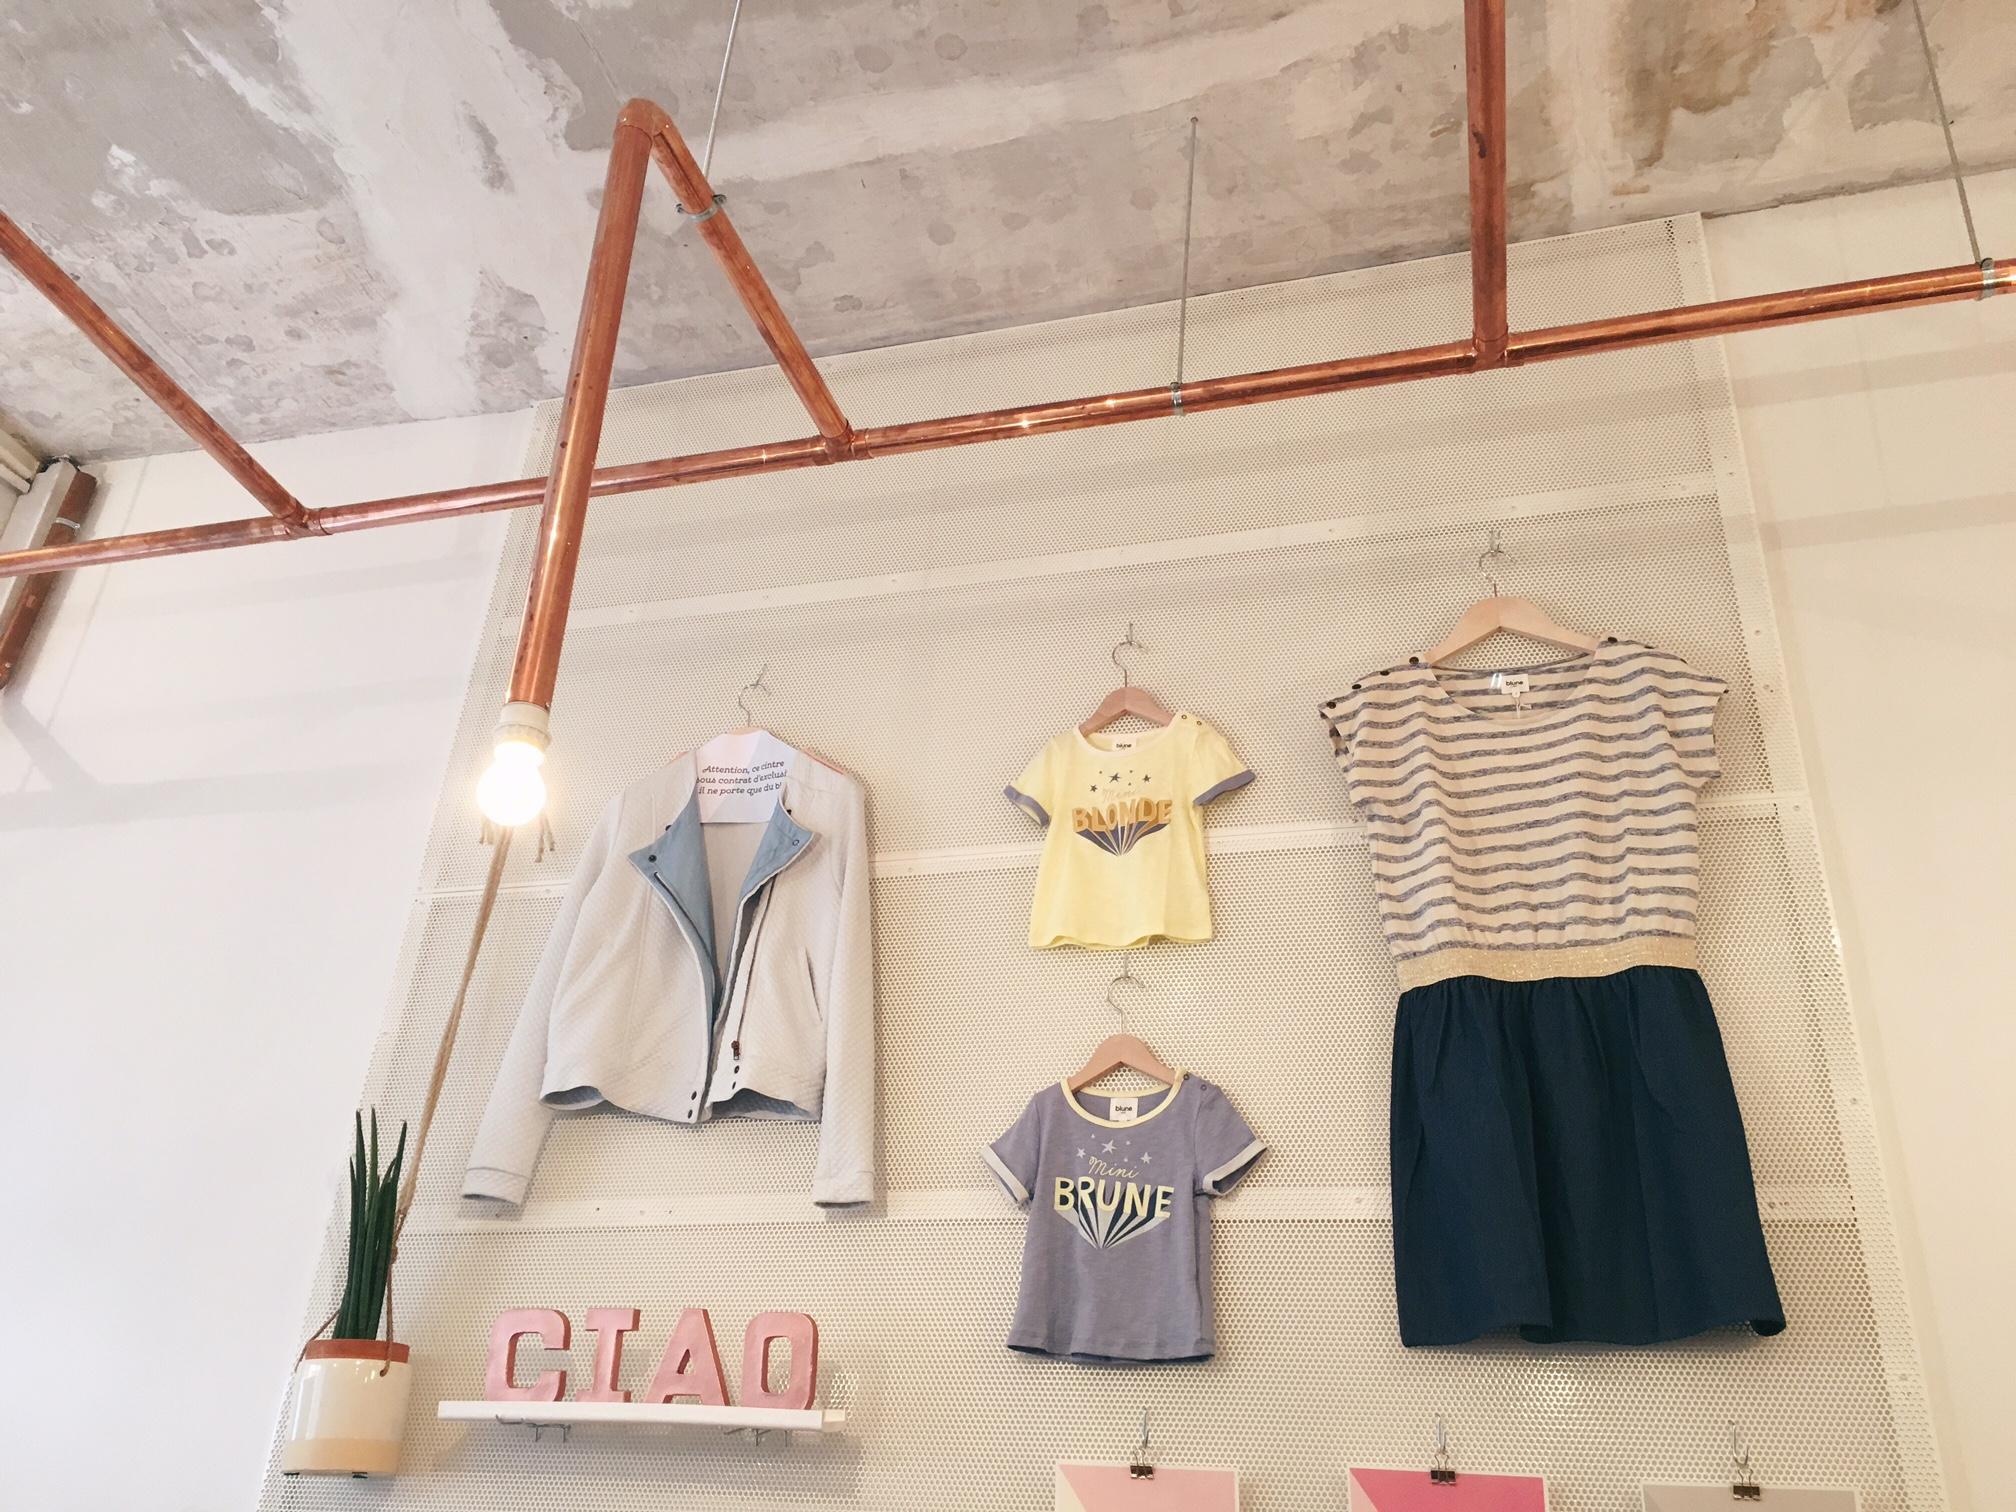 la première boutique blune a ouvert - doudou & stiletto